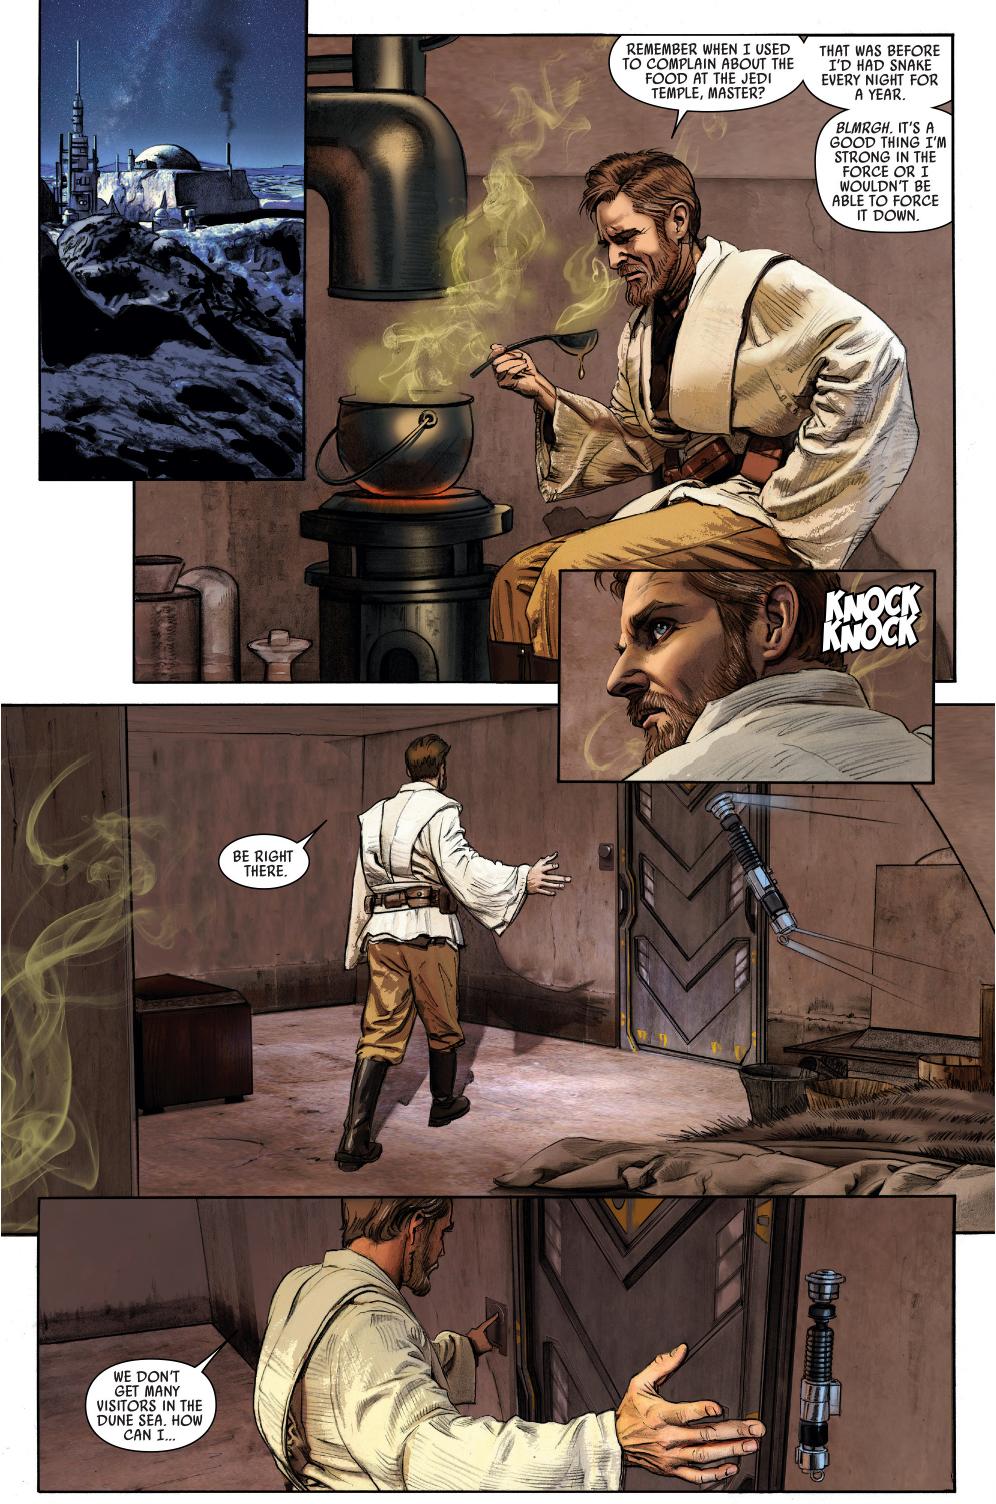 Why Owen Lars Doesn't Like Obi-Wan Kenobi | Comicnewbies Jabba The Hutt And Leia